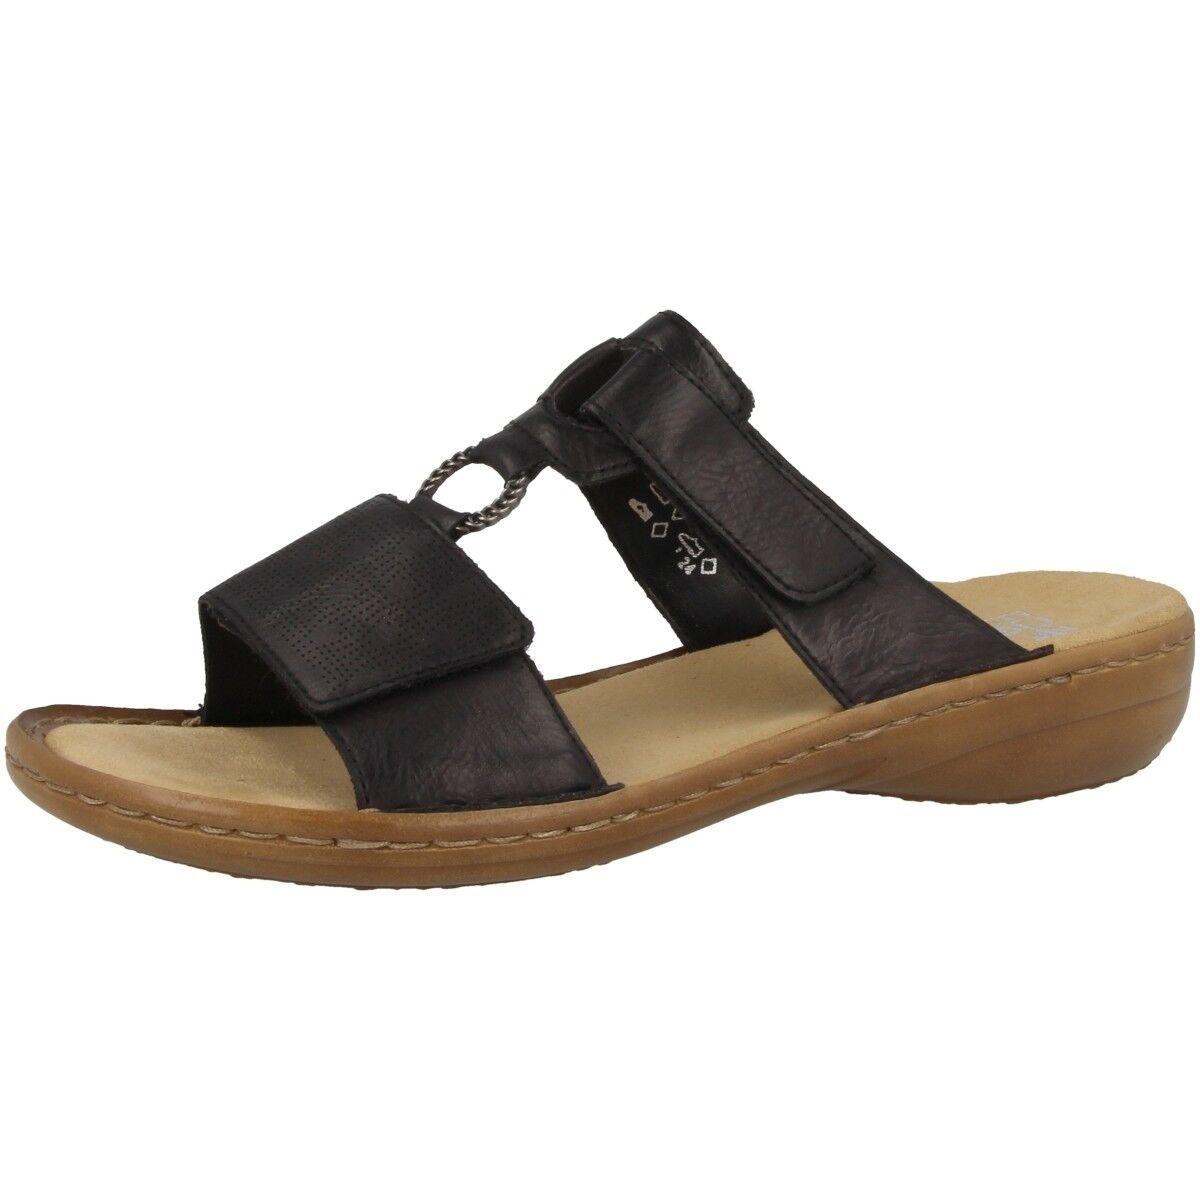 Rieker Eagle Scarpe Sandali da Donna Sandali Tempo Libero Slipper nero 60885-00 | Rifornimento Sufficiente  | Scolaro/Ragazze Scarpa